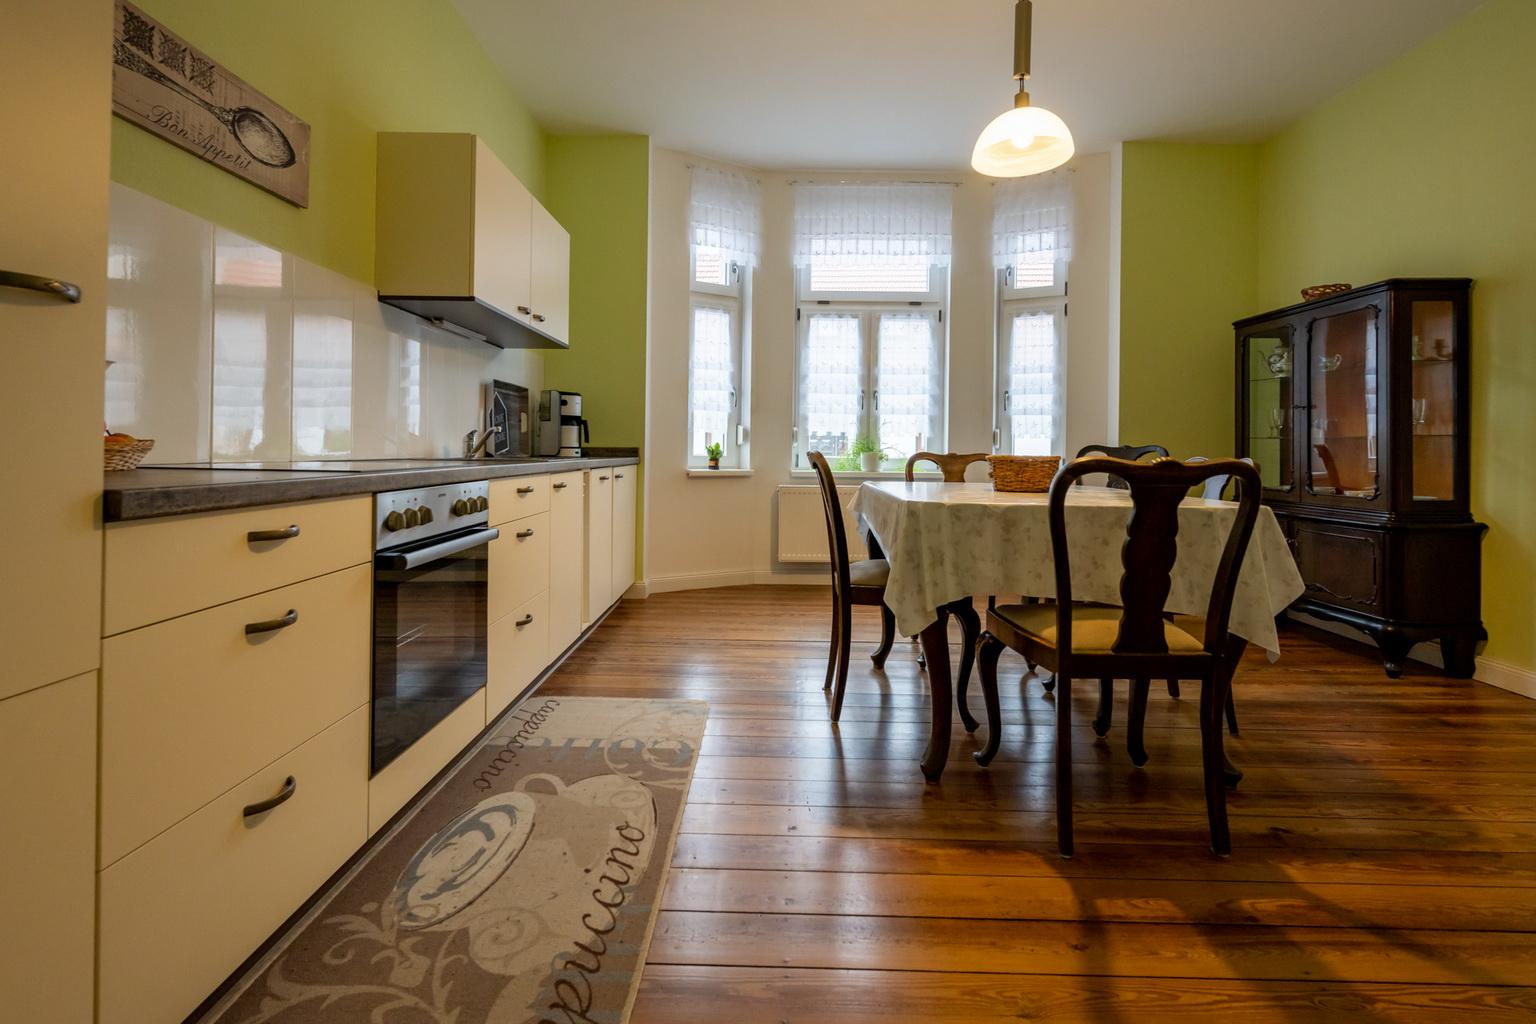 Seniorenwohnanlage in Aken – gemeinsame Küche im Erdgeschoß